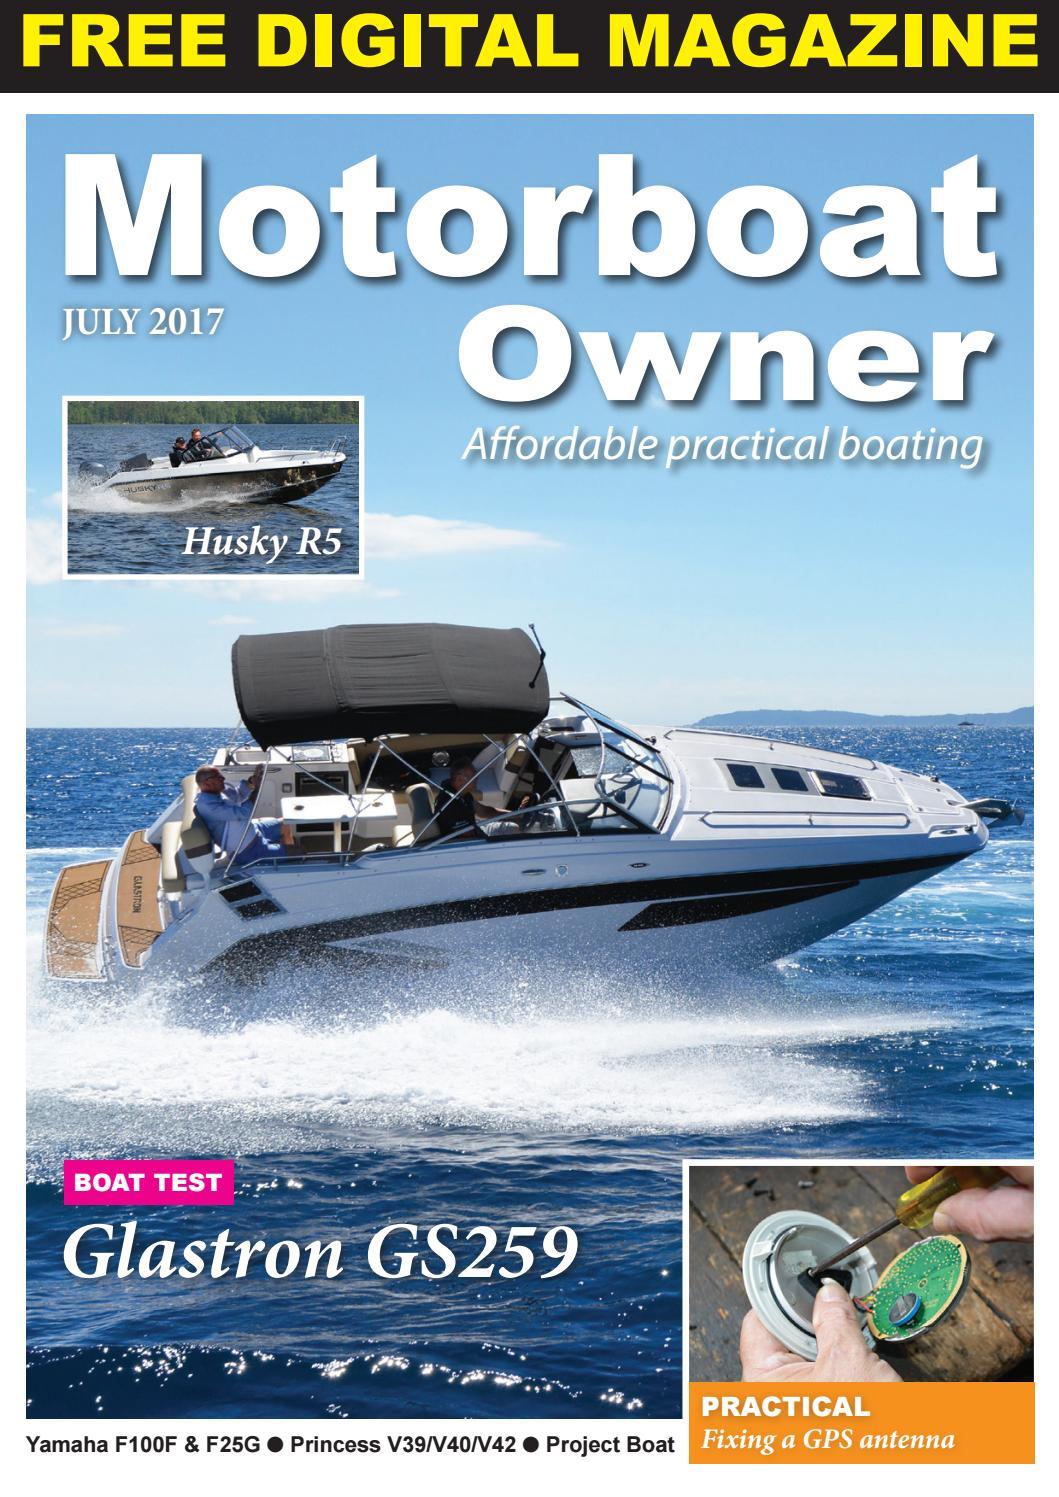 motorboat owner july 17 by digital marine media ltd issuu rh issuu com